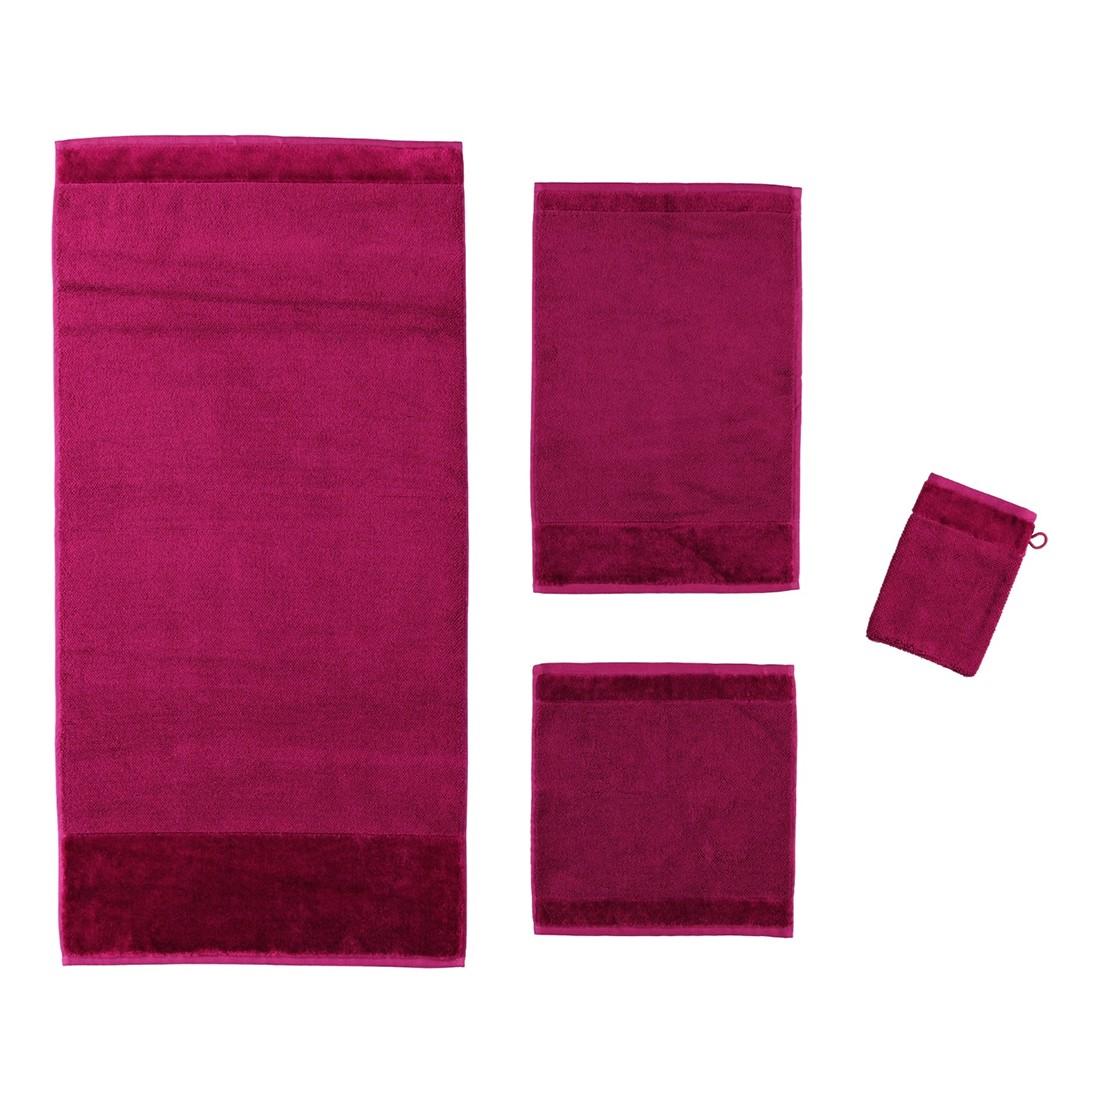 Handtuch Bamboo luxe – 60% Baumwolle, 40% Viskose berry – 266 – Handtuch: 50 x 100 cm, Möve günstig kaufen